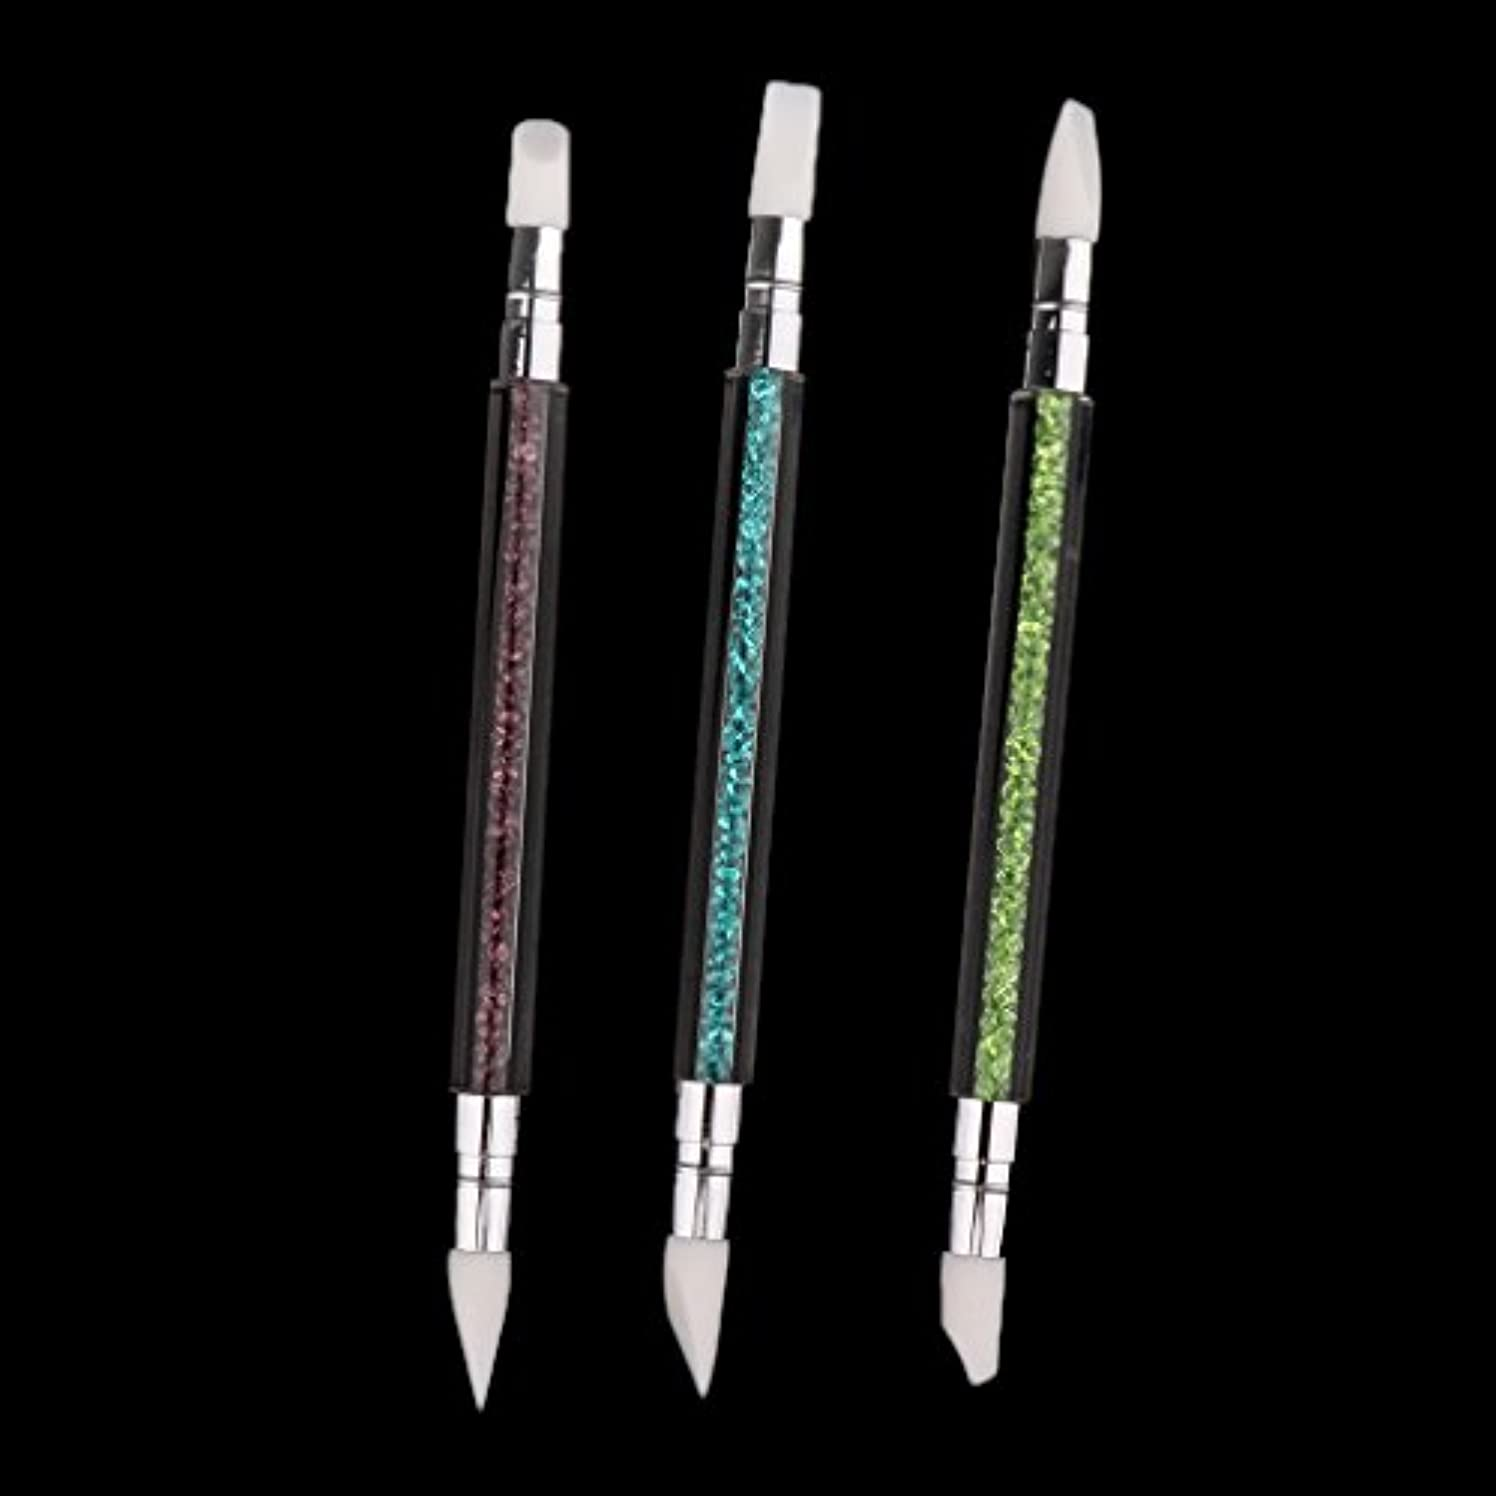 モード殺人二次DYNWAVE 3本セット ネイルアート ブラシ 爪用ペン ドットツール クラフト 2way 爪絵画ツール シリコン - 3本セット